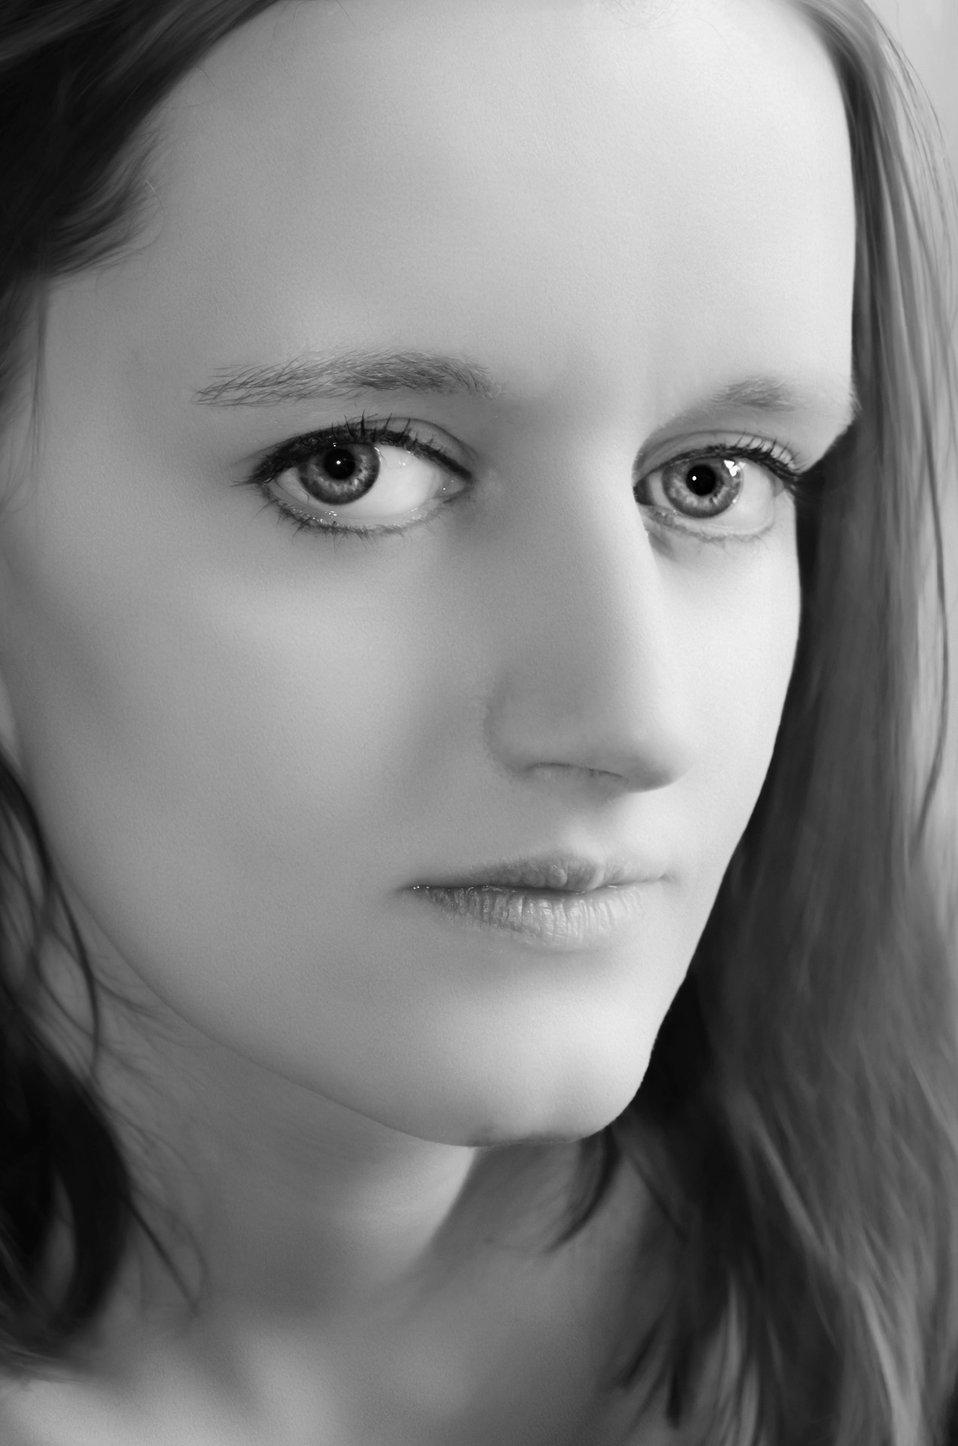 Woman - portrait